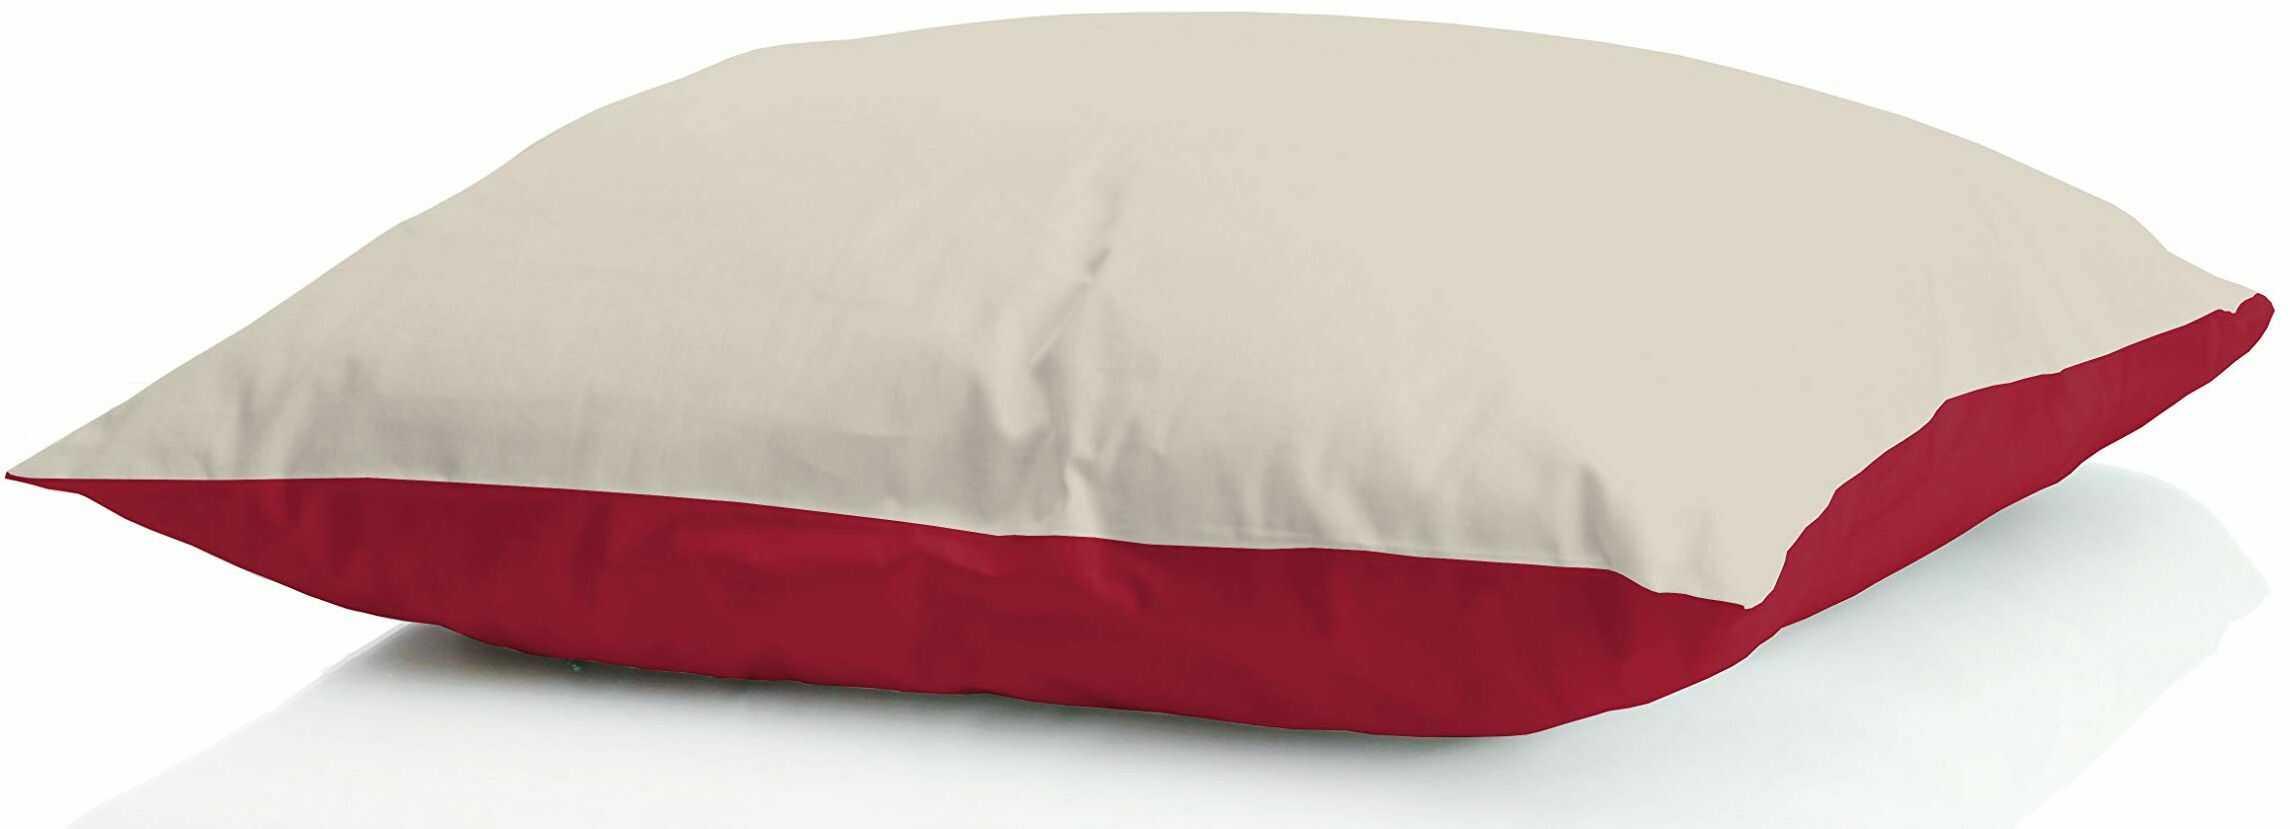 Sogni e capricci GUANC ICELAND panna poduszka z puchem zimowym, 50 x 80 cm, bordowa/kremowa